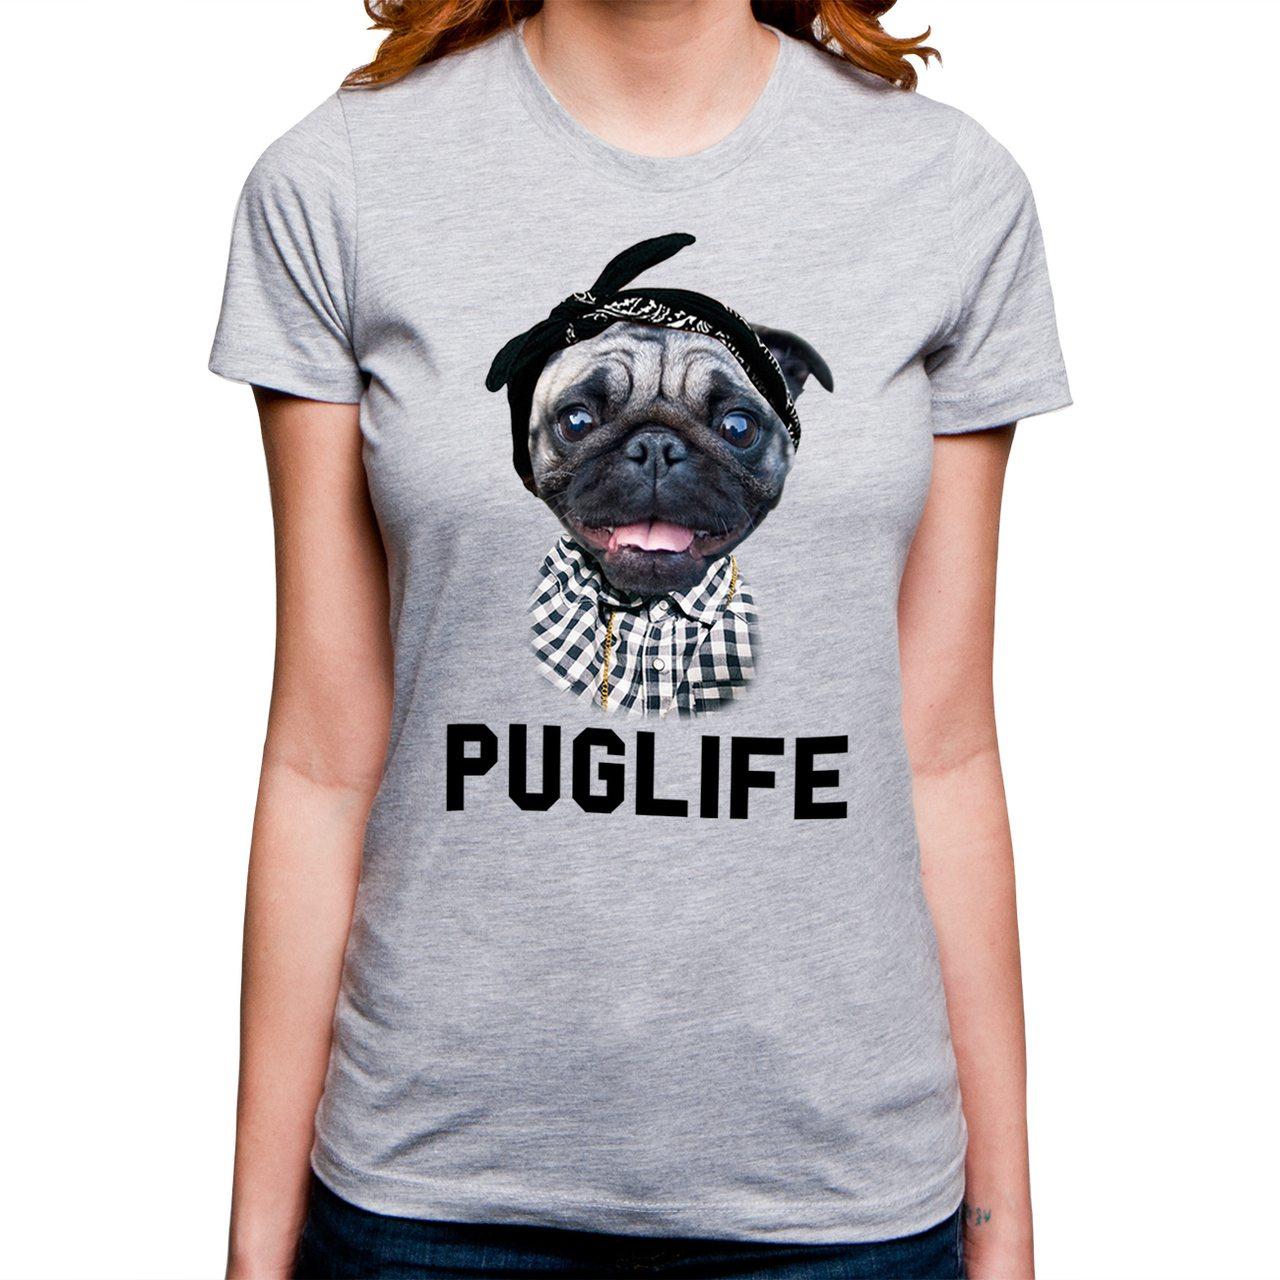 Puglife